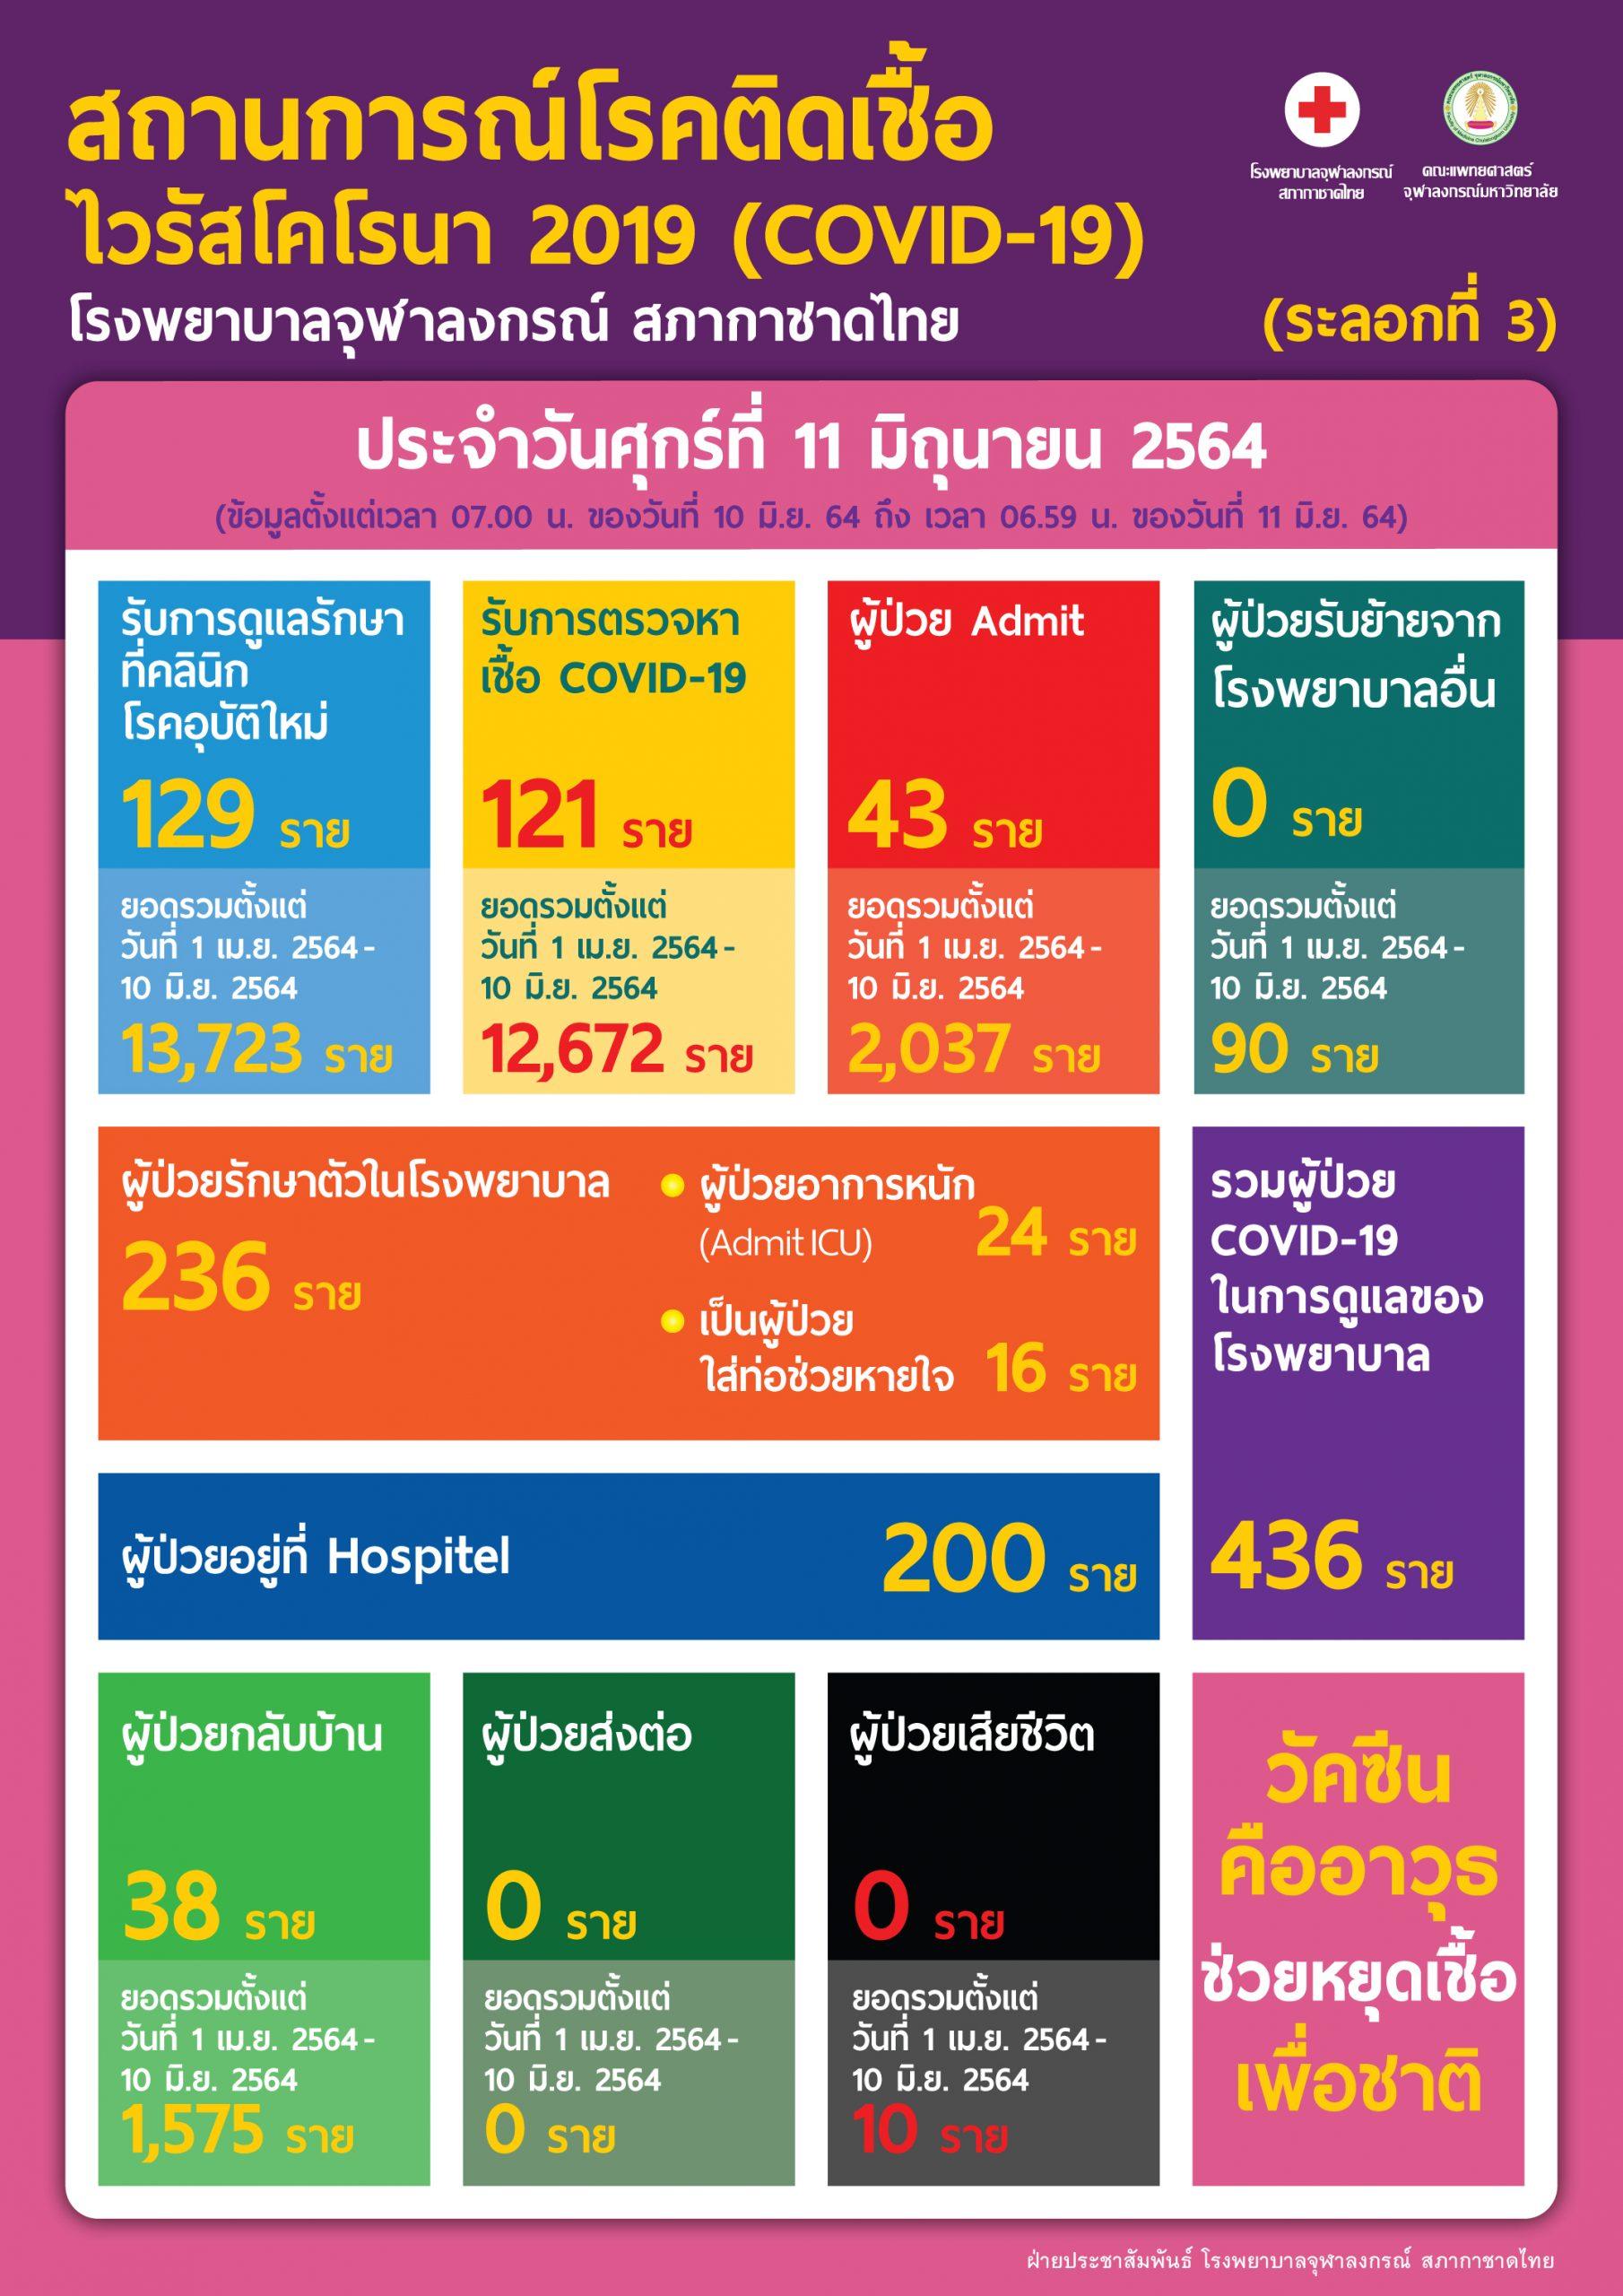 สถานการณ์โรคติดเชื้อไวรัสโคโรนา 2019 (COVID-19) (ระลอกที่ 3) โรงพยาบาลจุฬลงกรณ์ สภากาชาดไทย ประจำวันศุกร์ที่ 11 มิถุนายน 2564